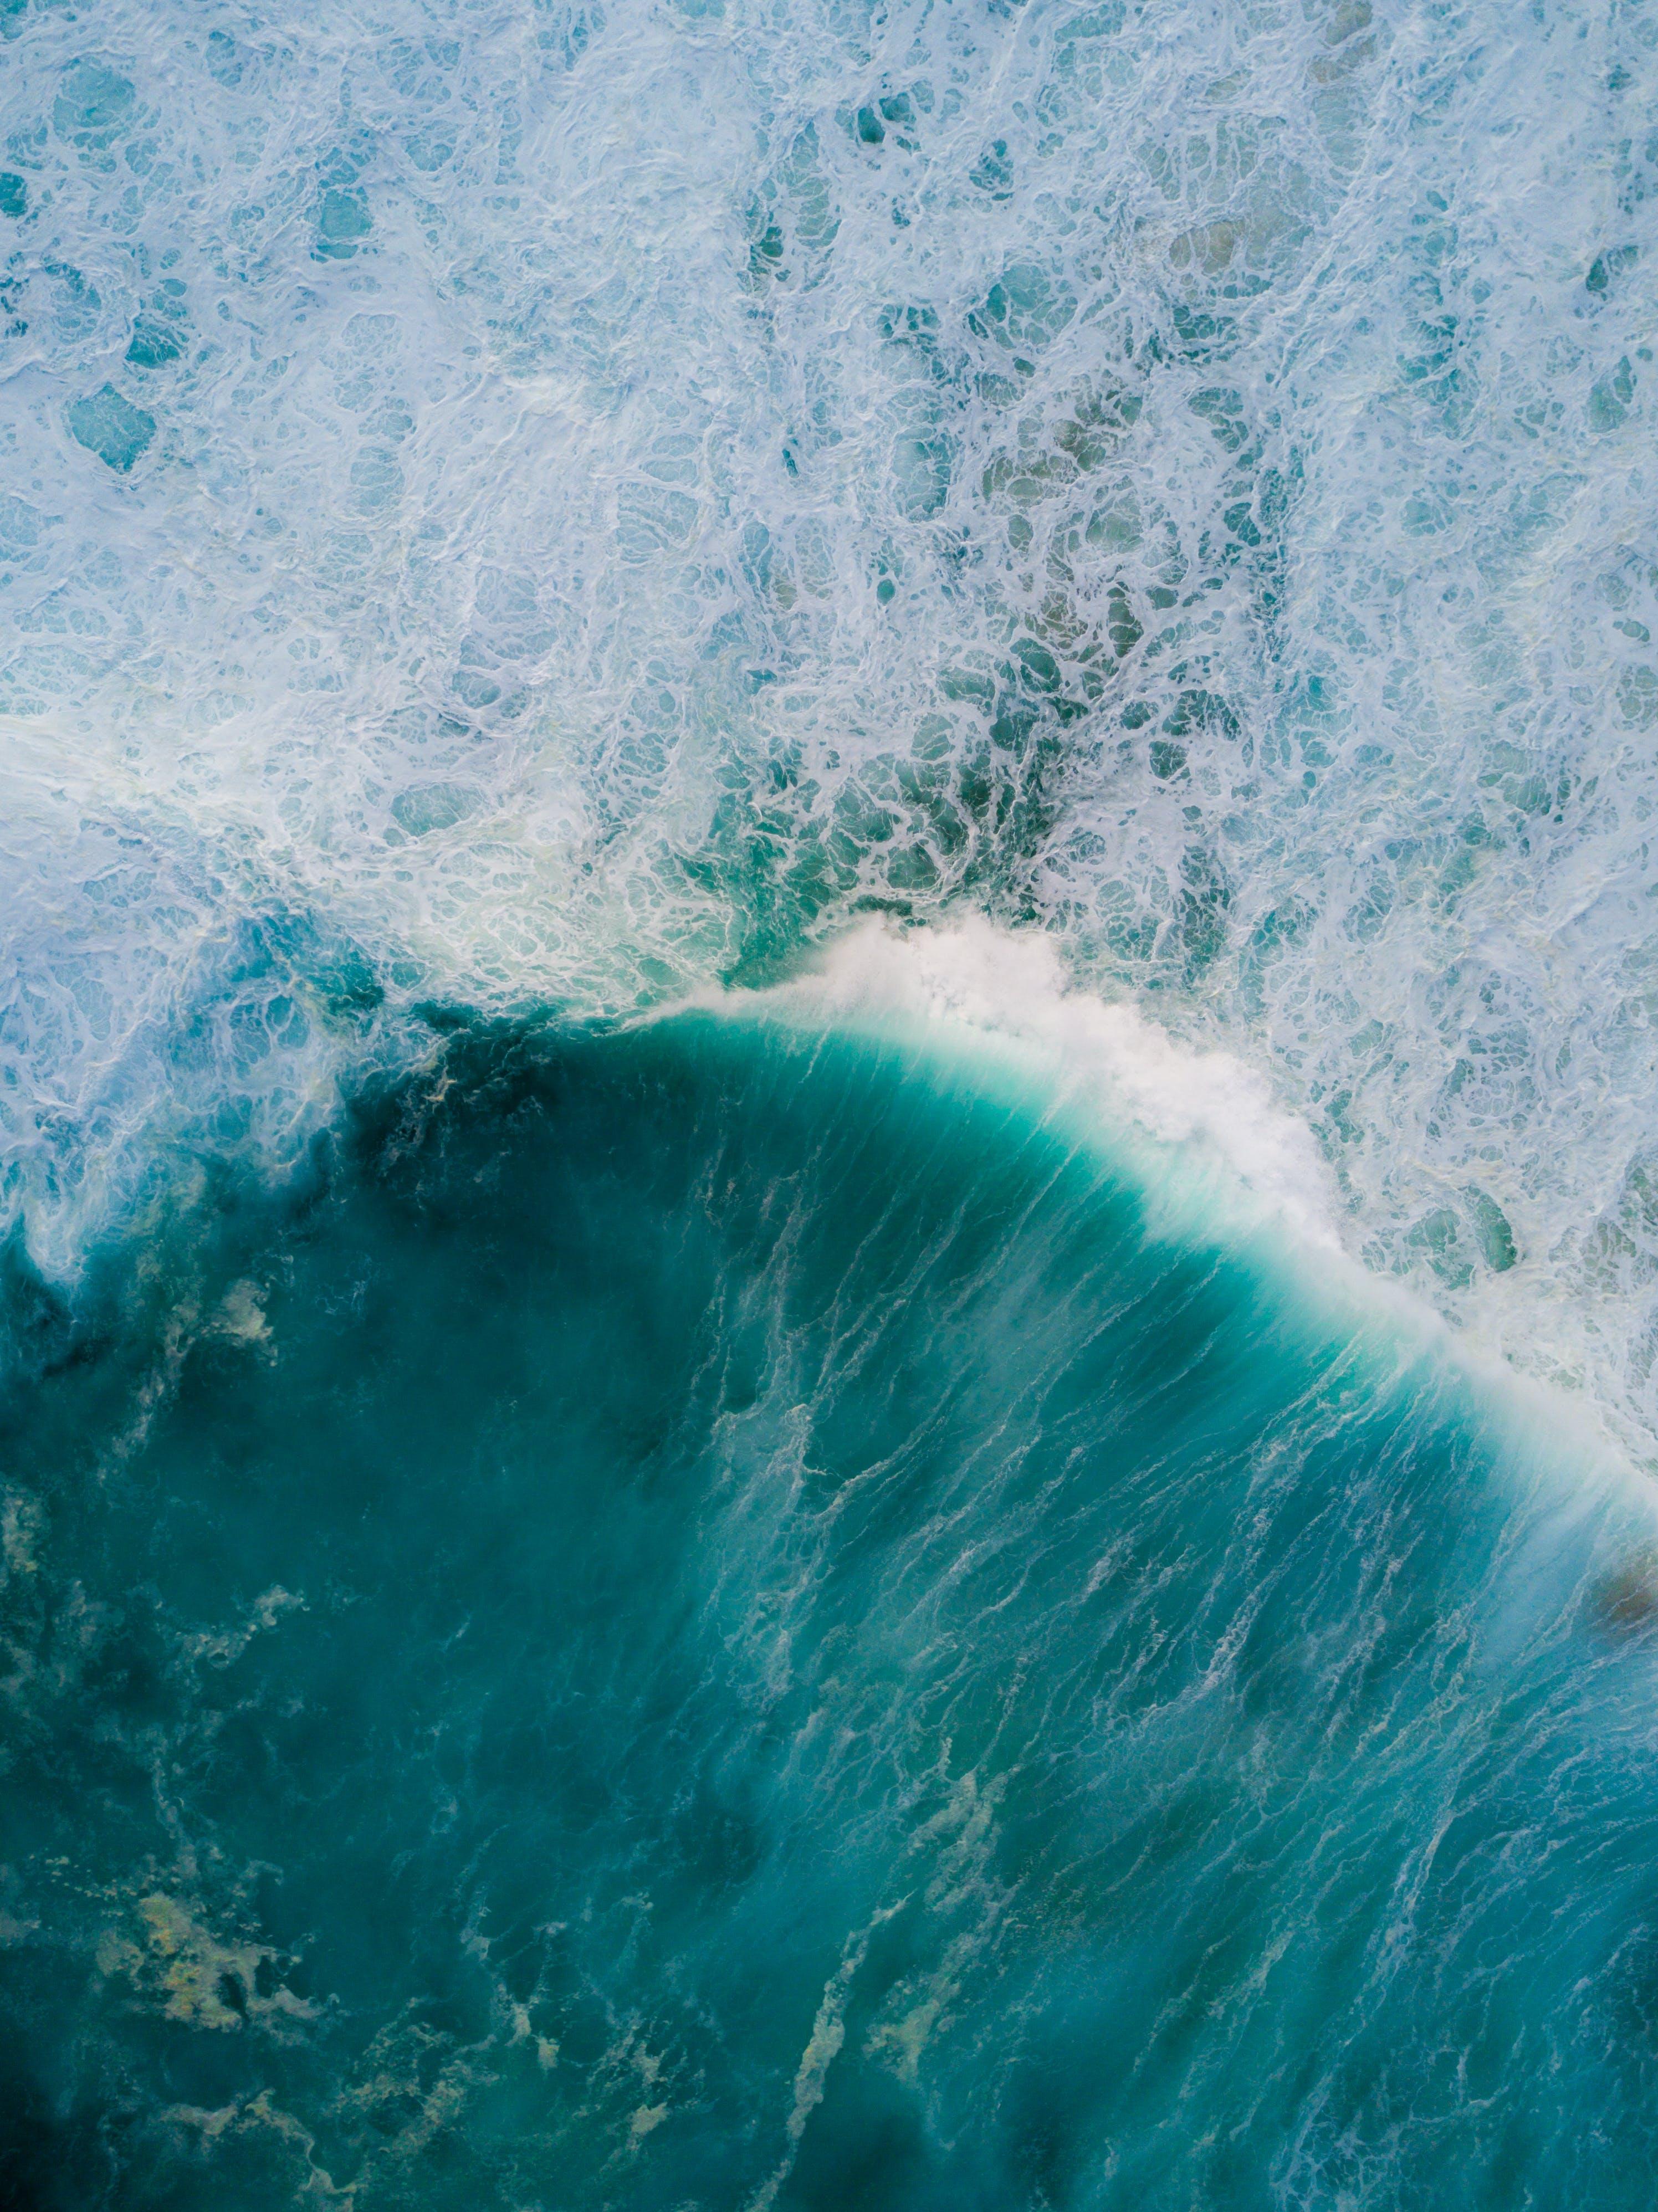 Foto d'estoc gratuïta de aigua, des de dalt, Escuma de mar, foto aèria